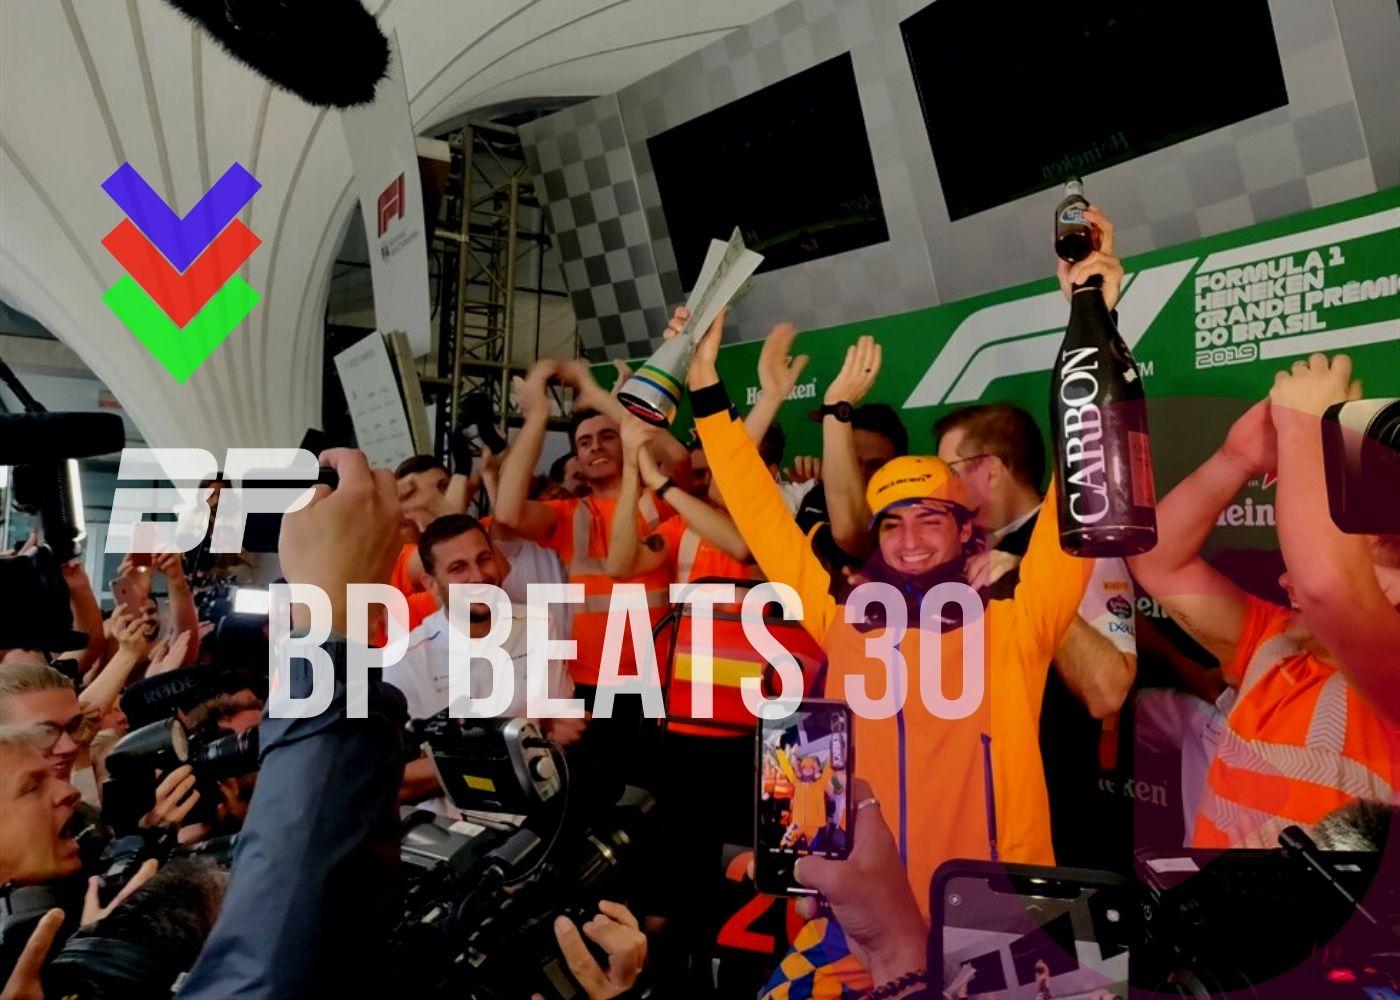 Photo of BPBEATS 30 | A Rave do GP Brasil Edição 2019